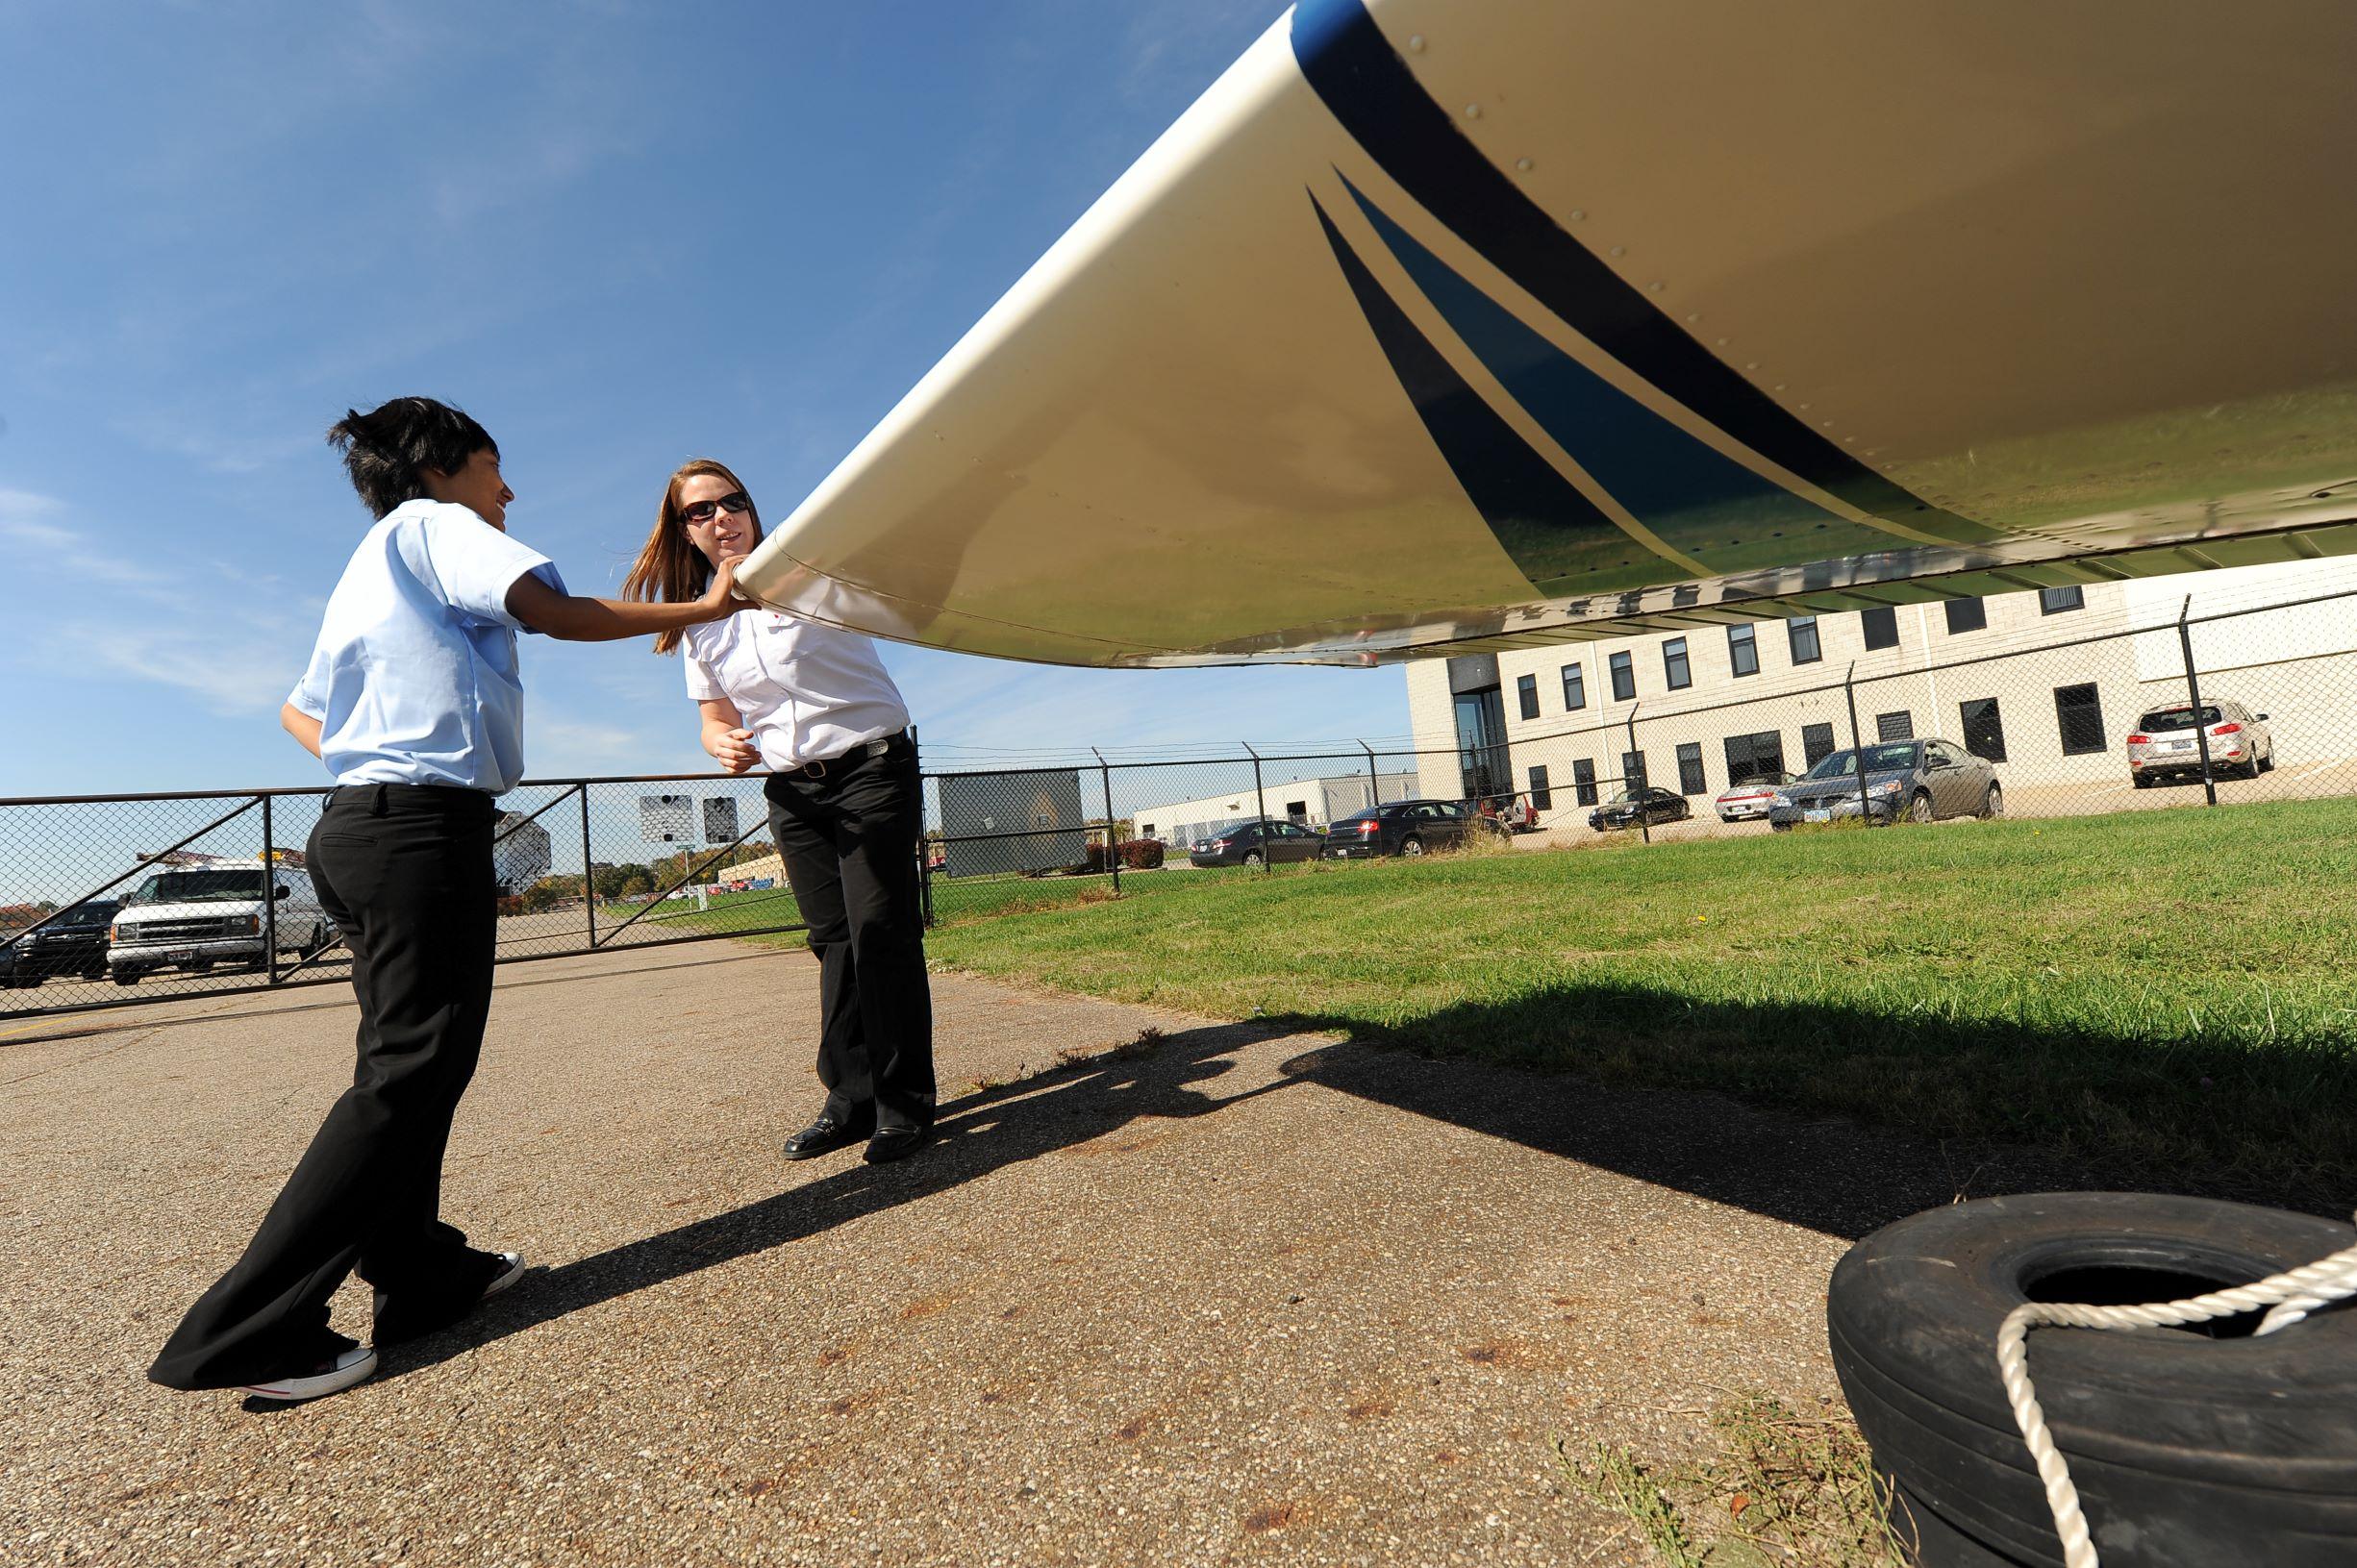 Pilots looking at wing